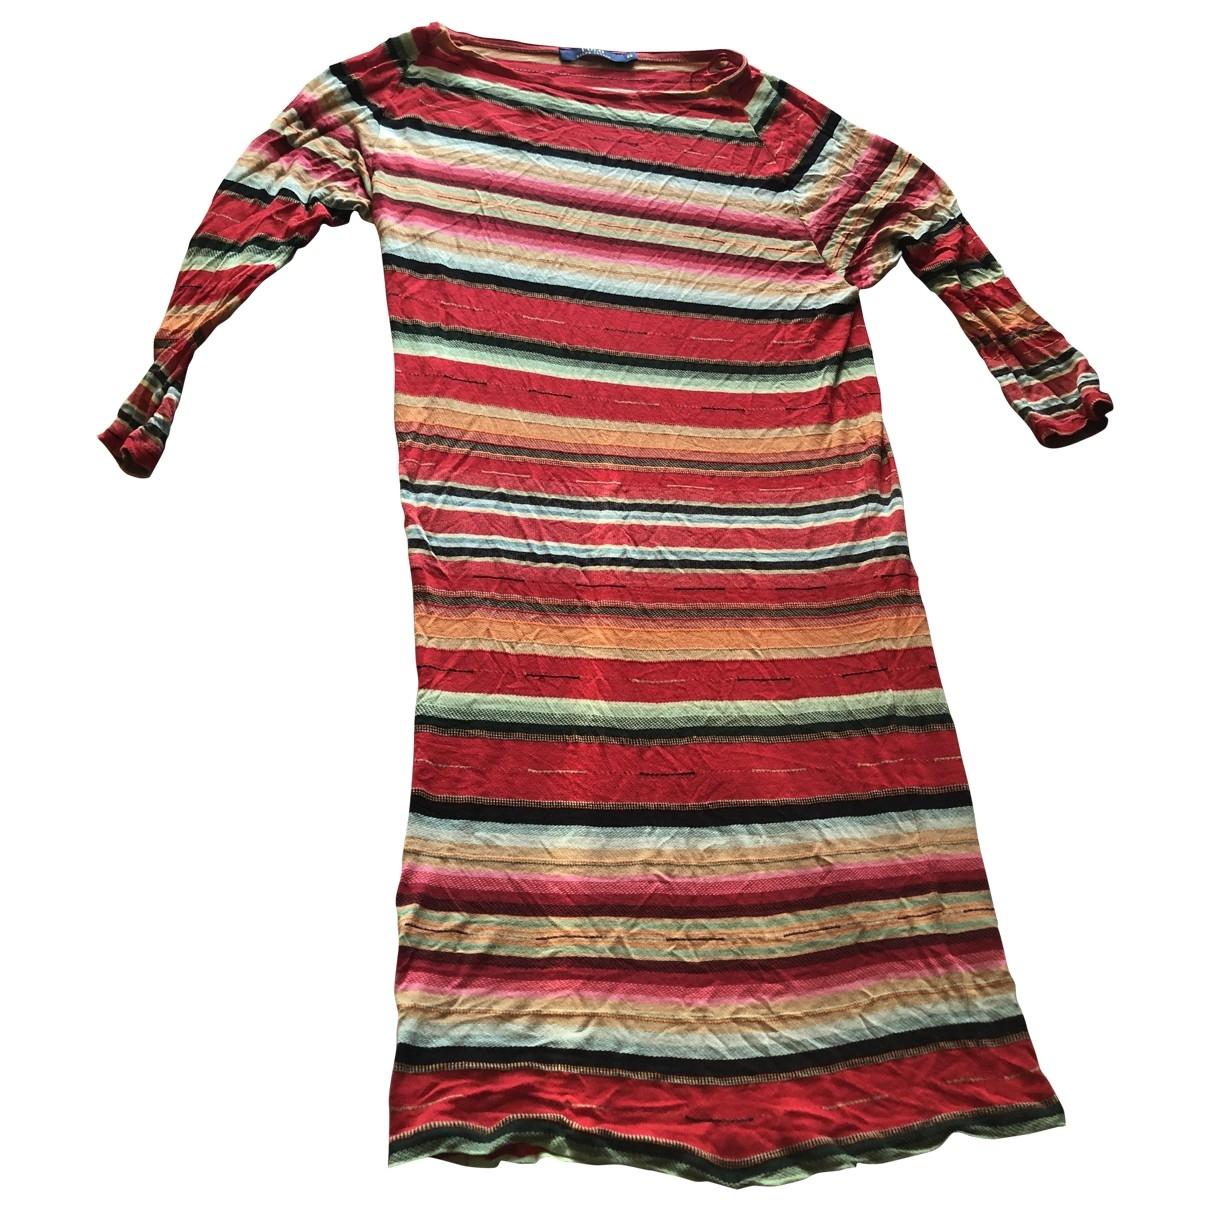 Polo Ralph Lauren \N Red Cotton dress for Women XS International